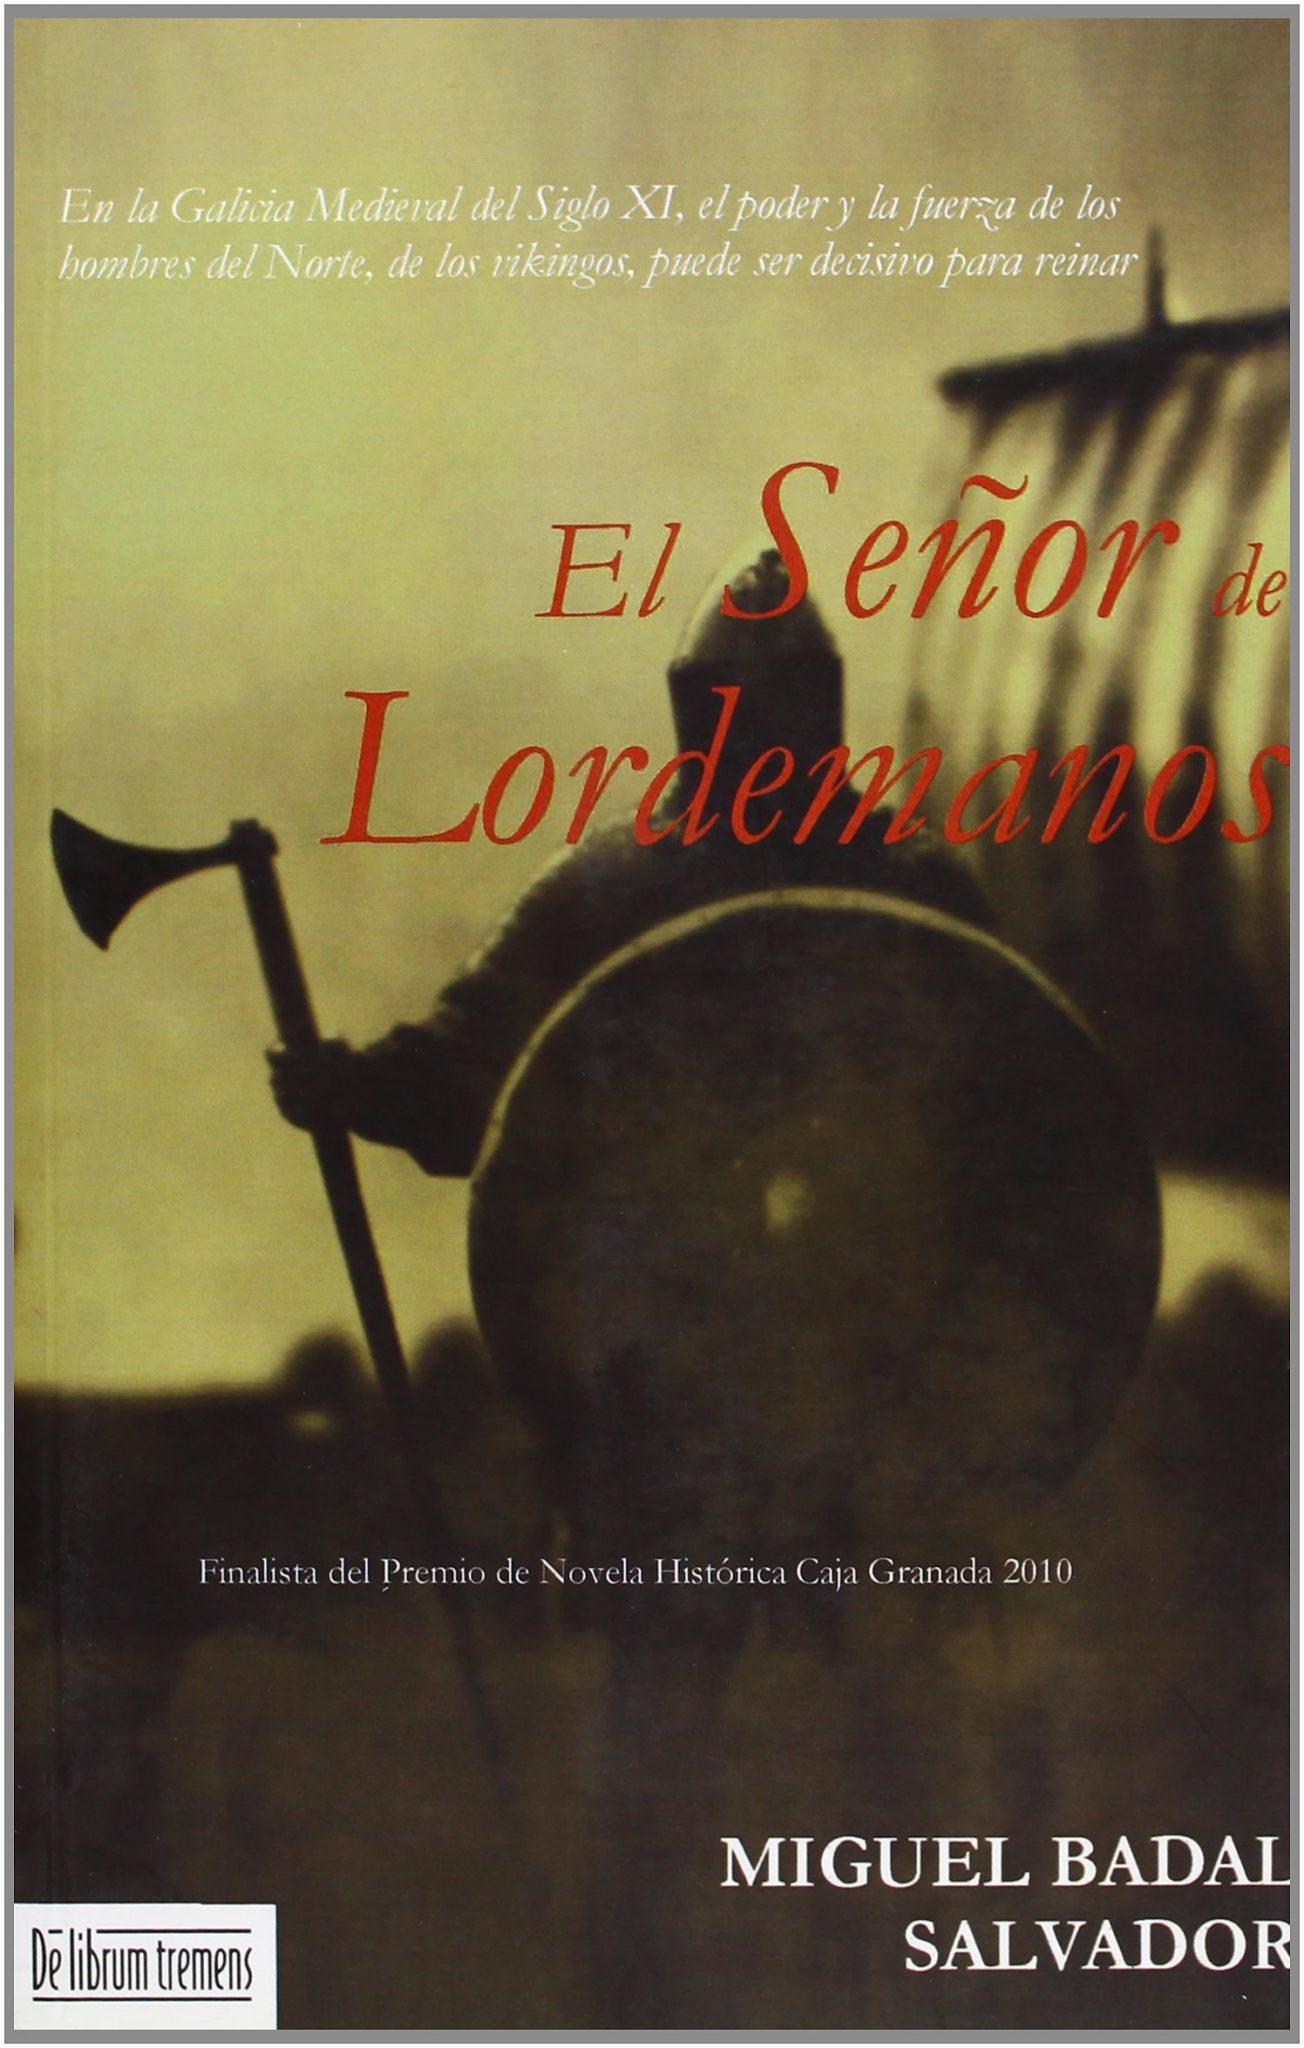 El señor de Lordemanos Book Cover